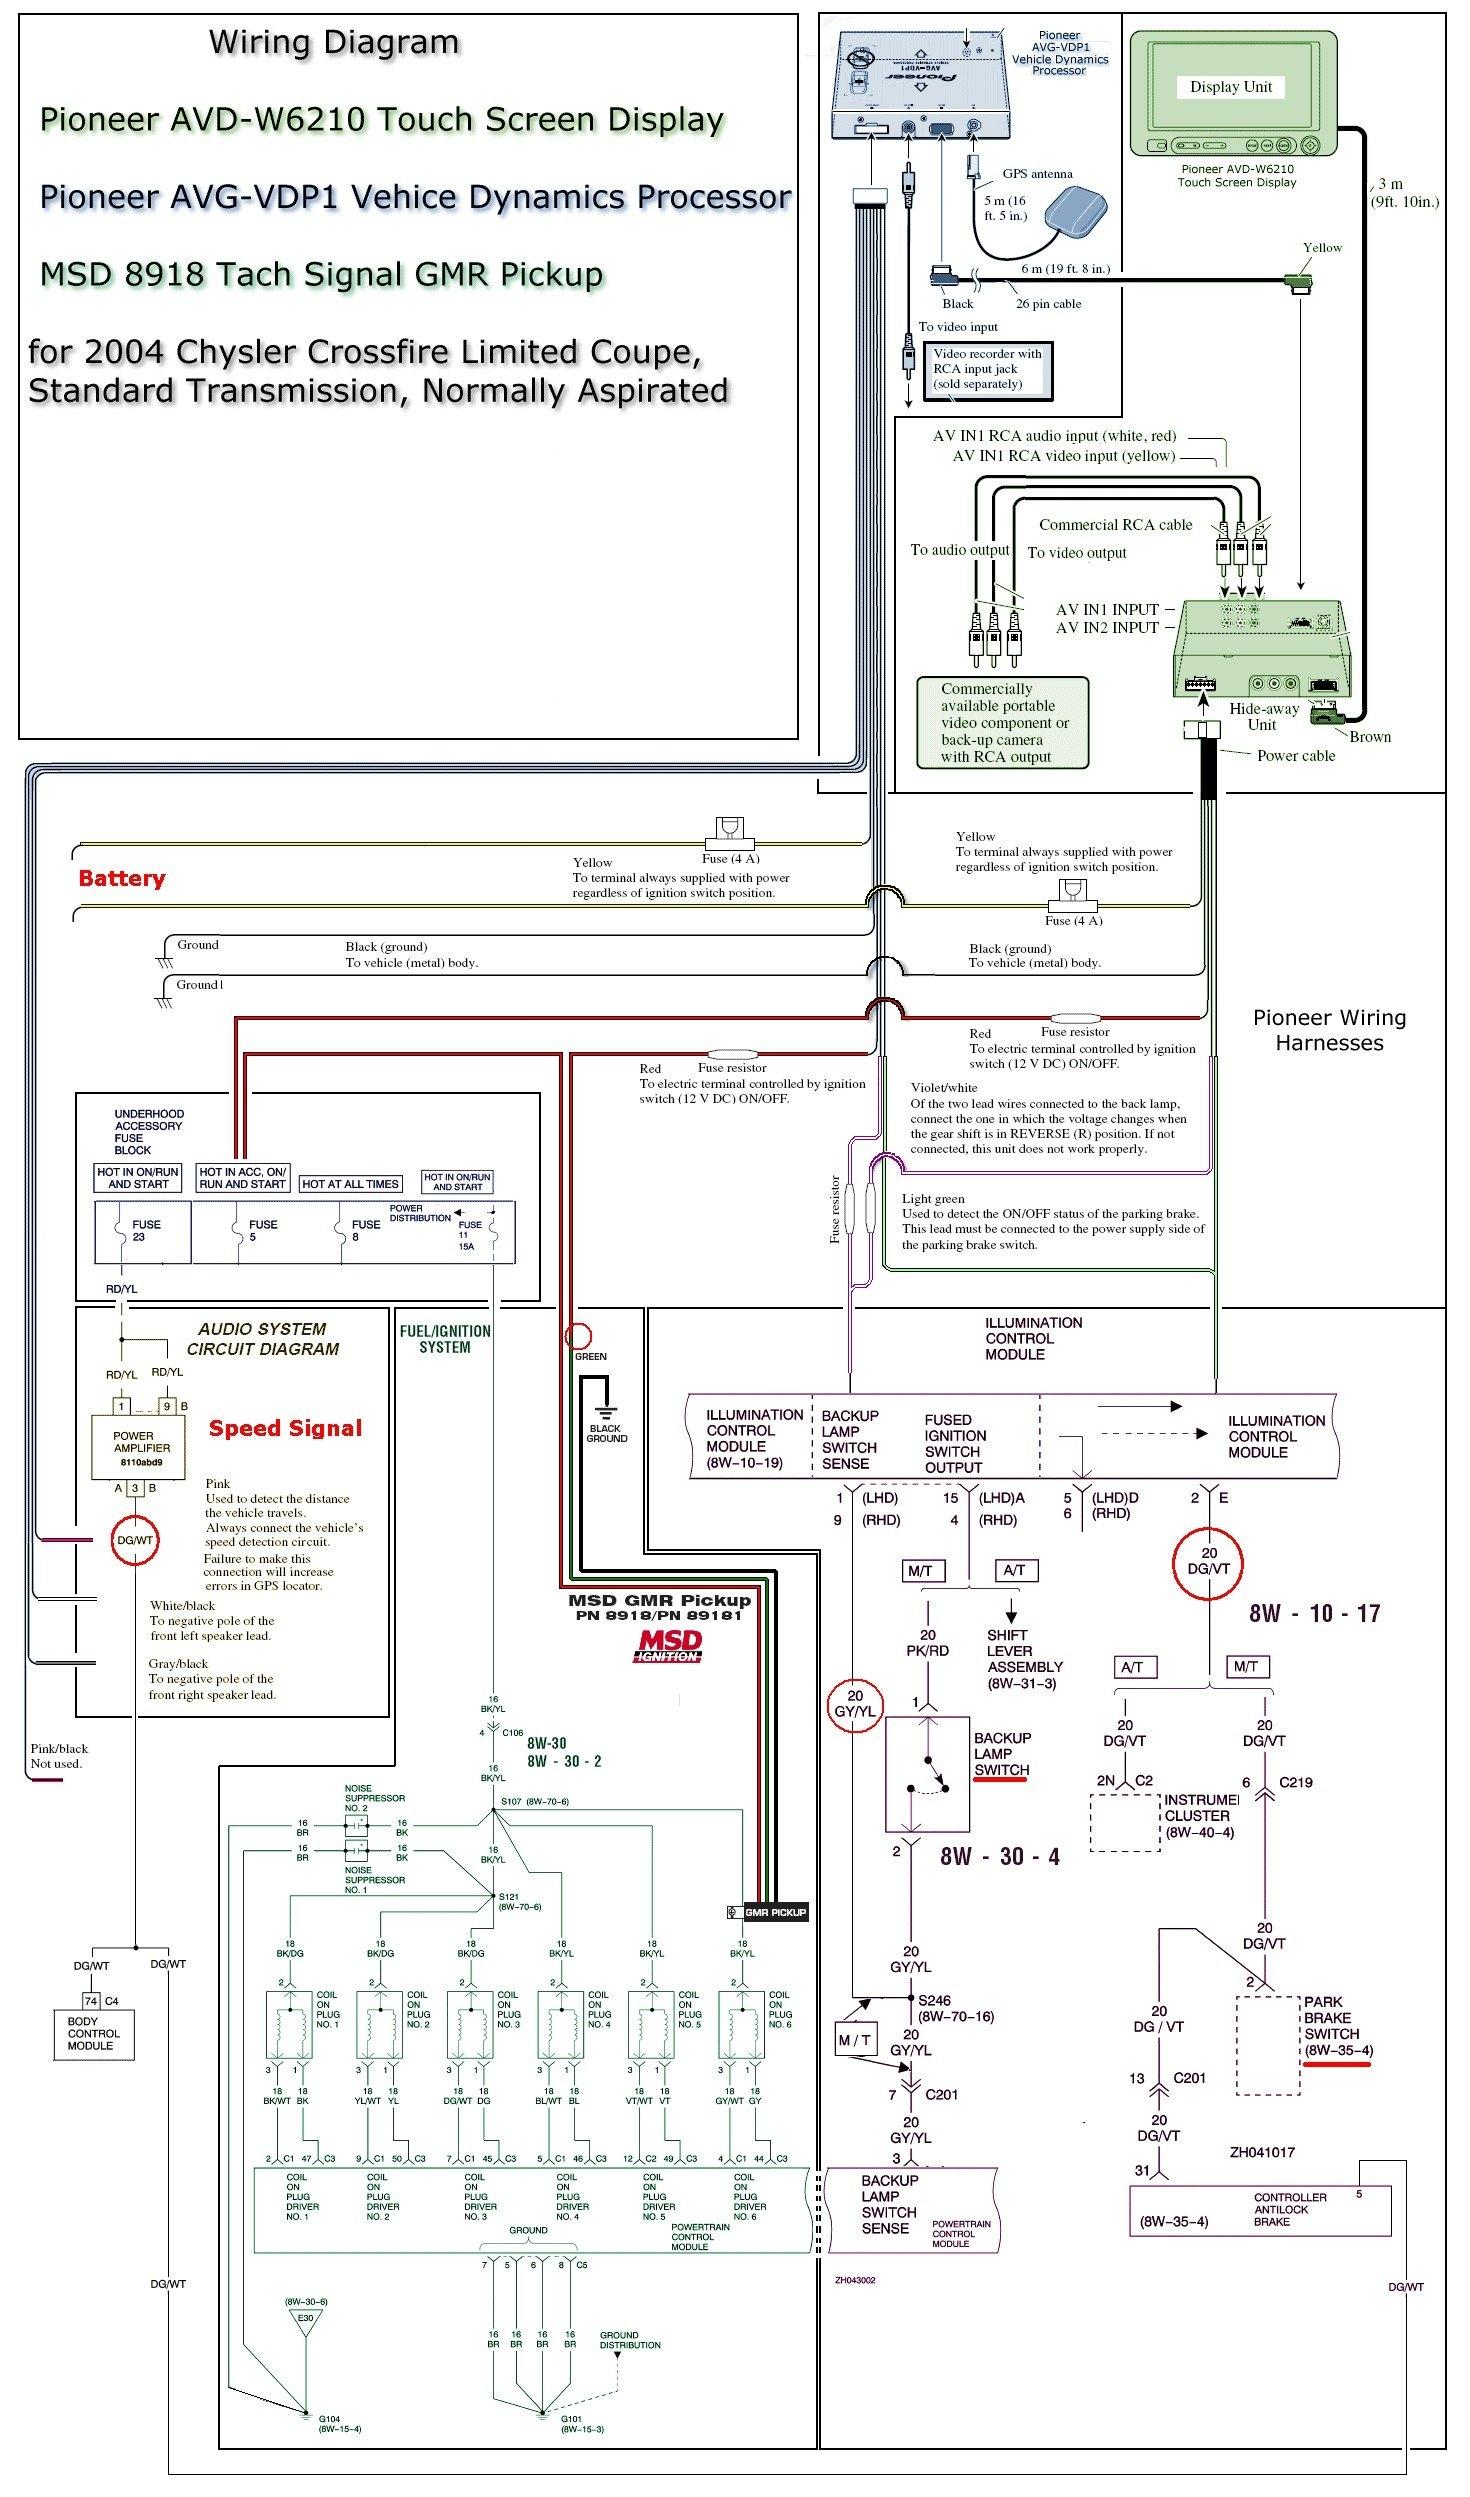 Pioneer Avh 280Bt Wiring Diagram | Wiring Diagram - Pioneer Avh-280Bt Wiring Diagram